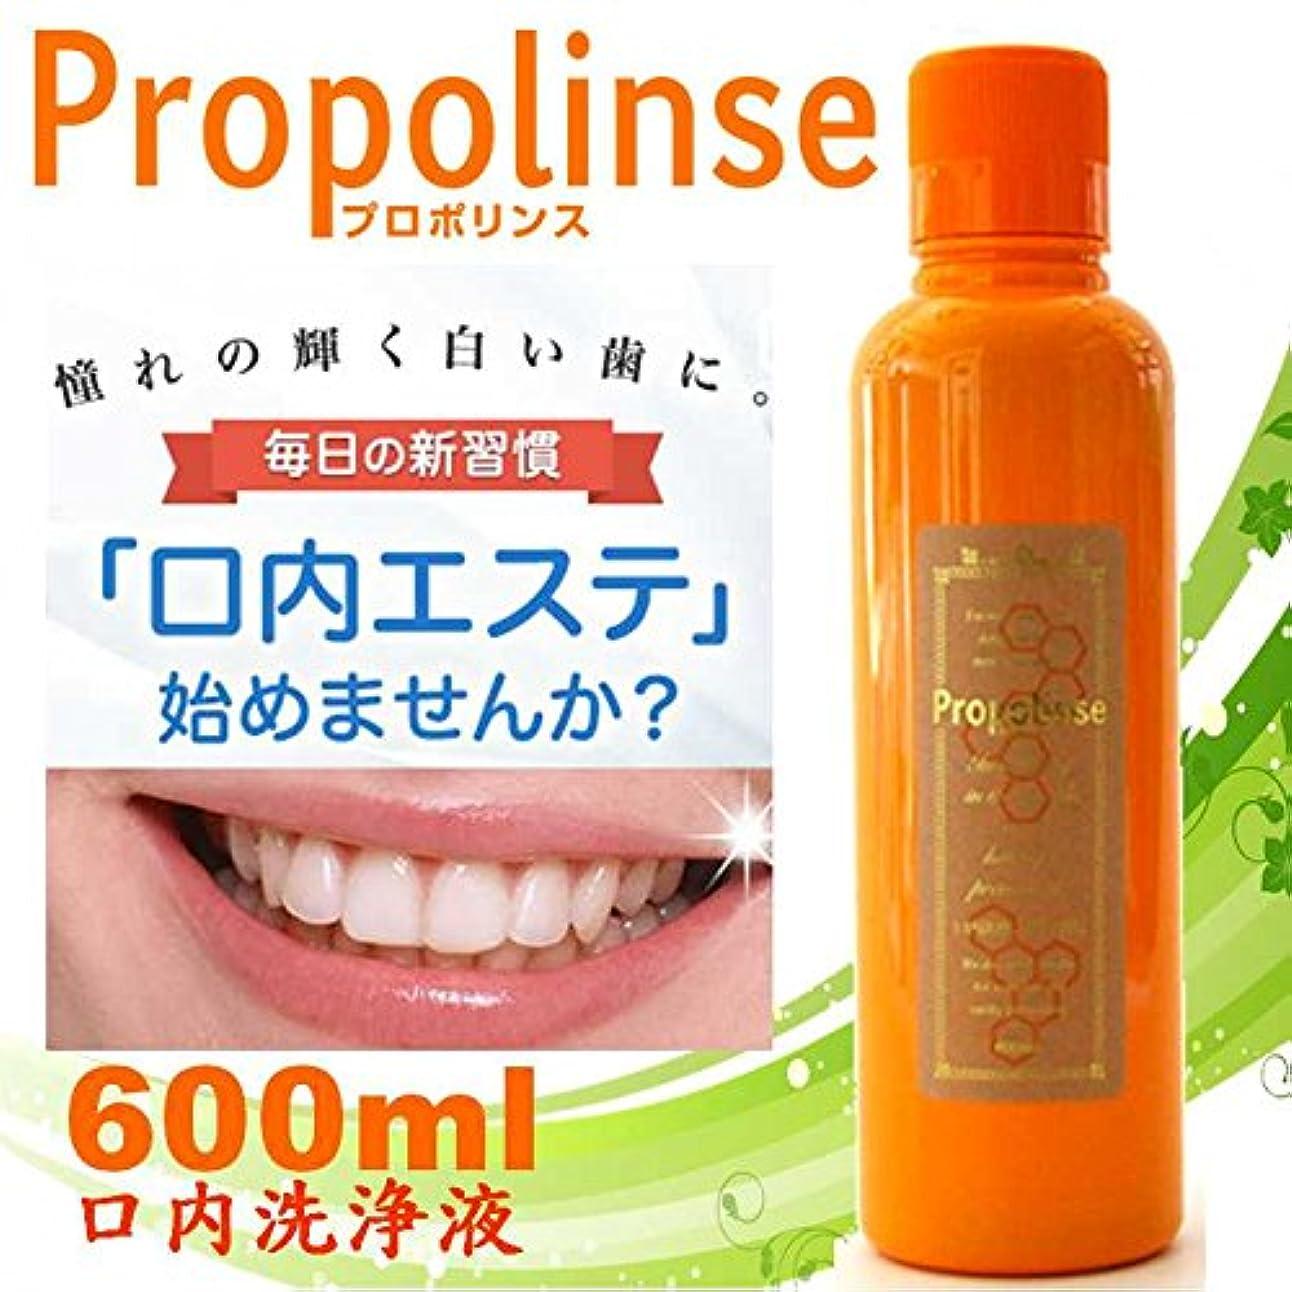 クローゼット悪い結論Propolinse プロポリンス 600ml×30本 洗口液 口内洗浄